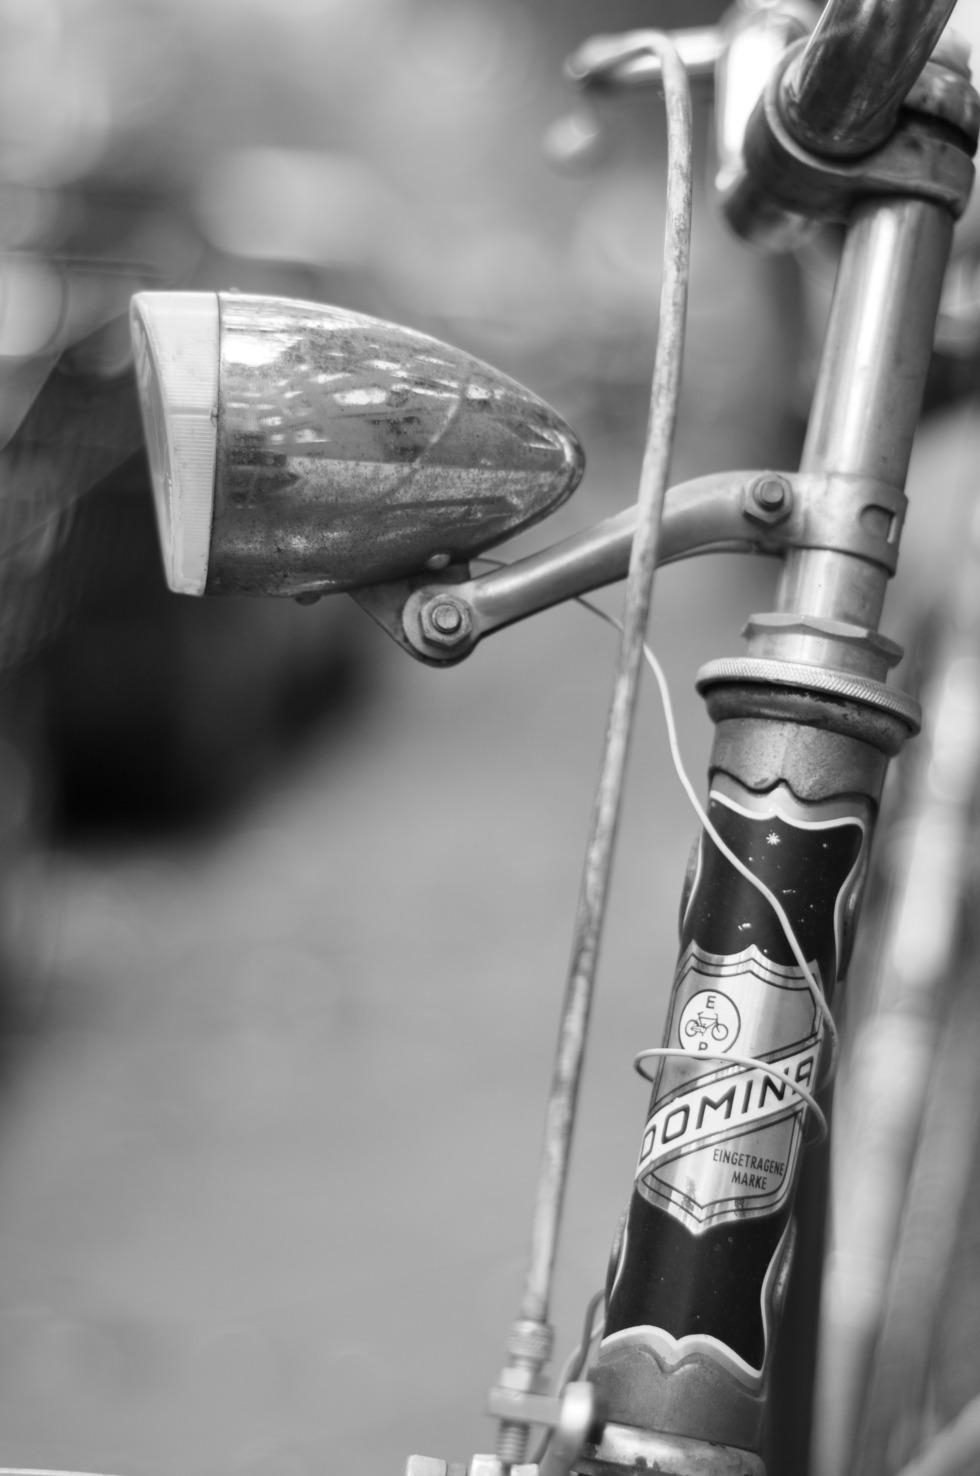 Retro bike lamp